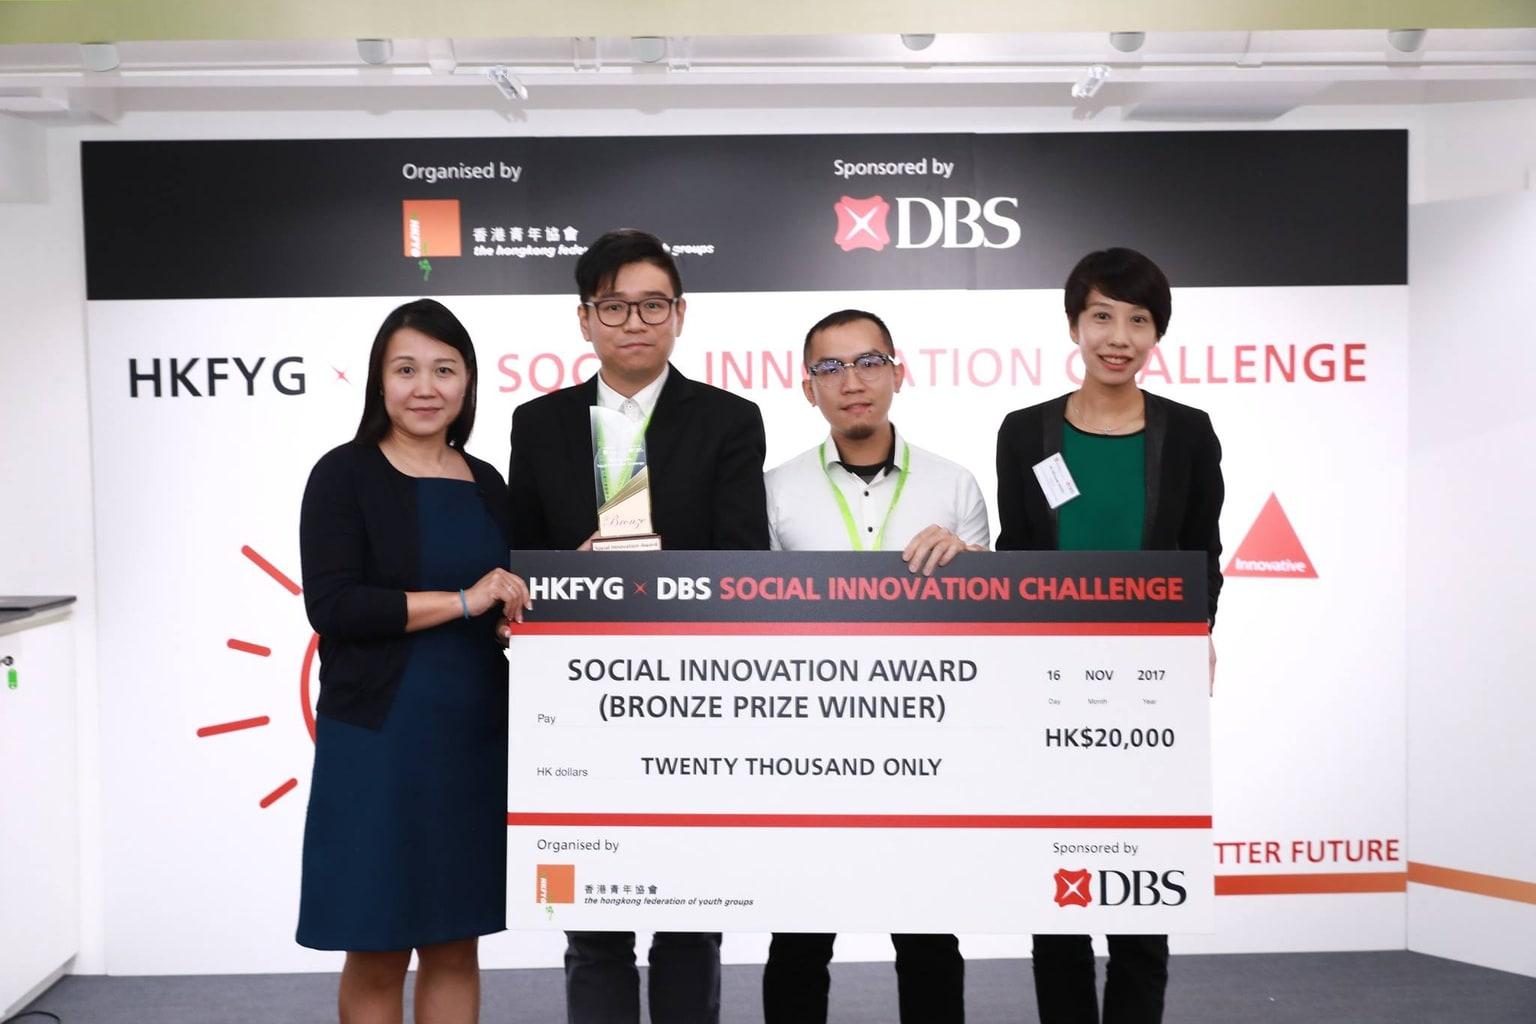 「香港青年協會 x 星展社會創新挑戰賽」社會創新銅獎